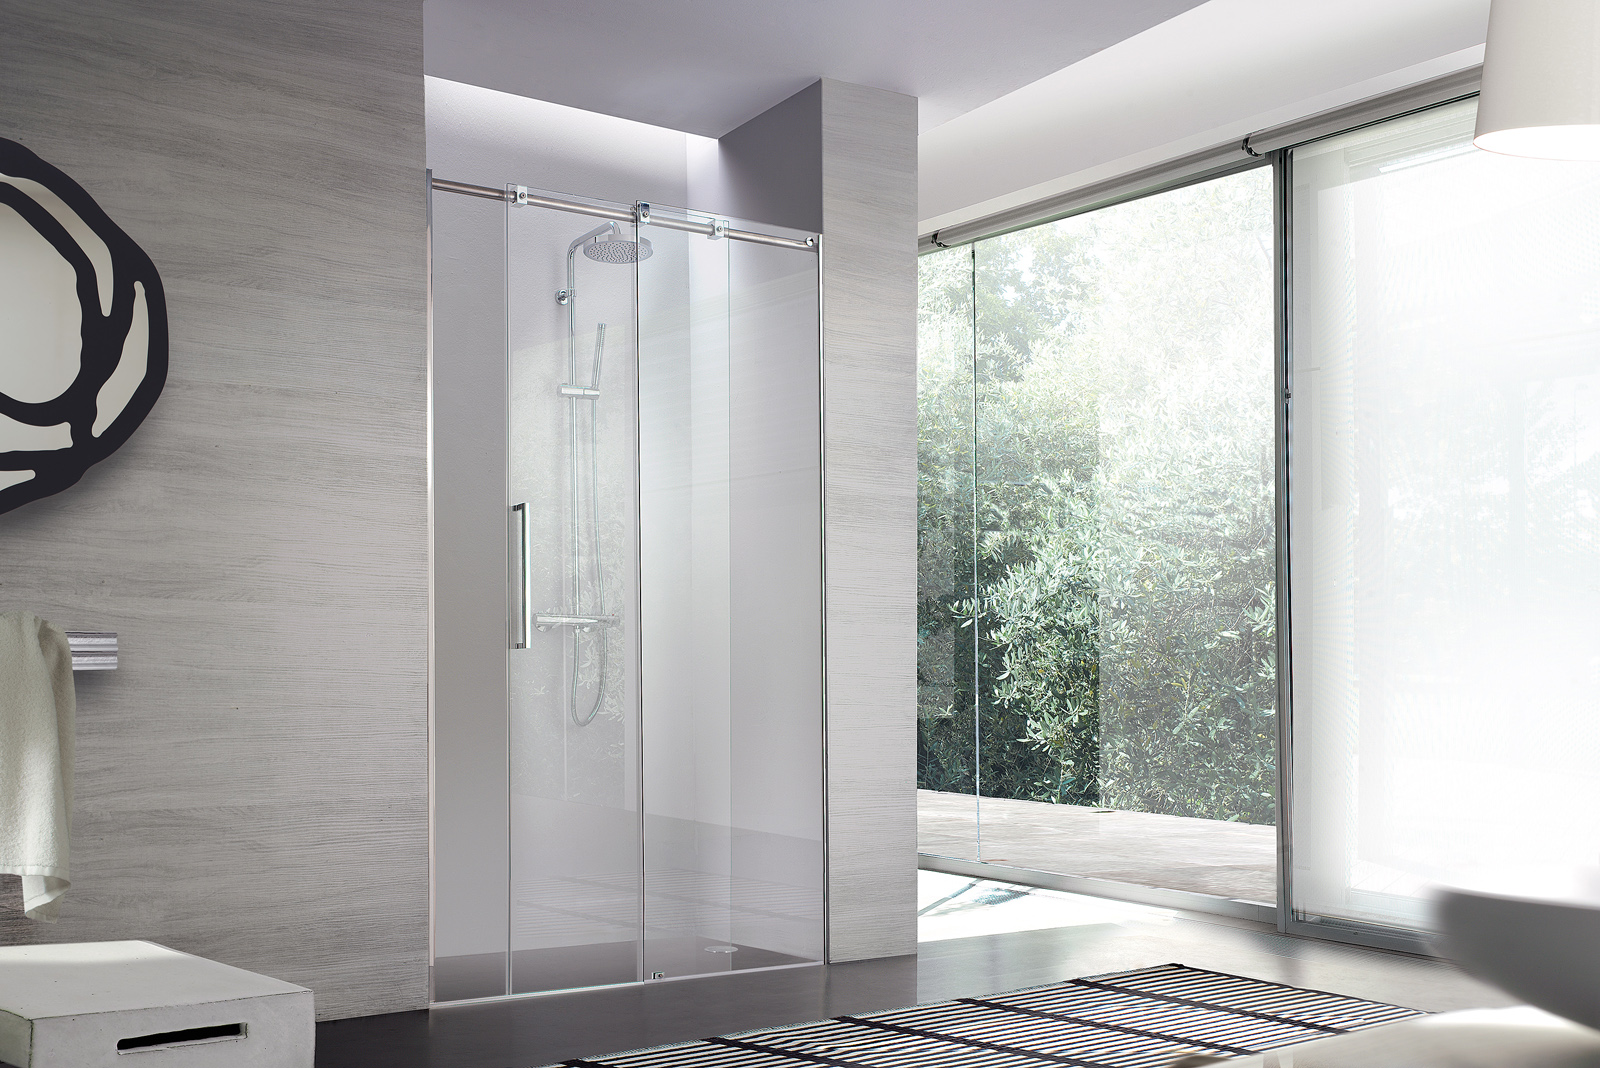 look il box doccia con telaio in acciaio inox - sintesibagnoblog - Bagni Moderni Con Box Doccia